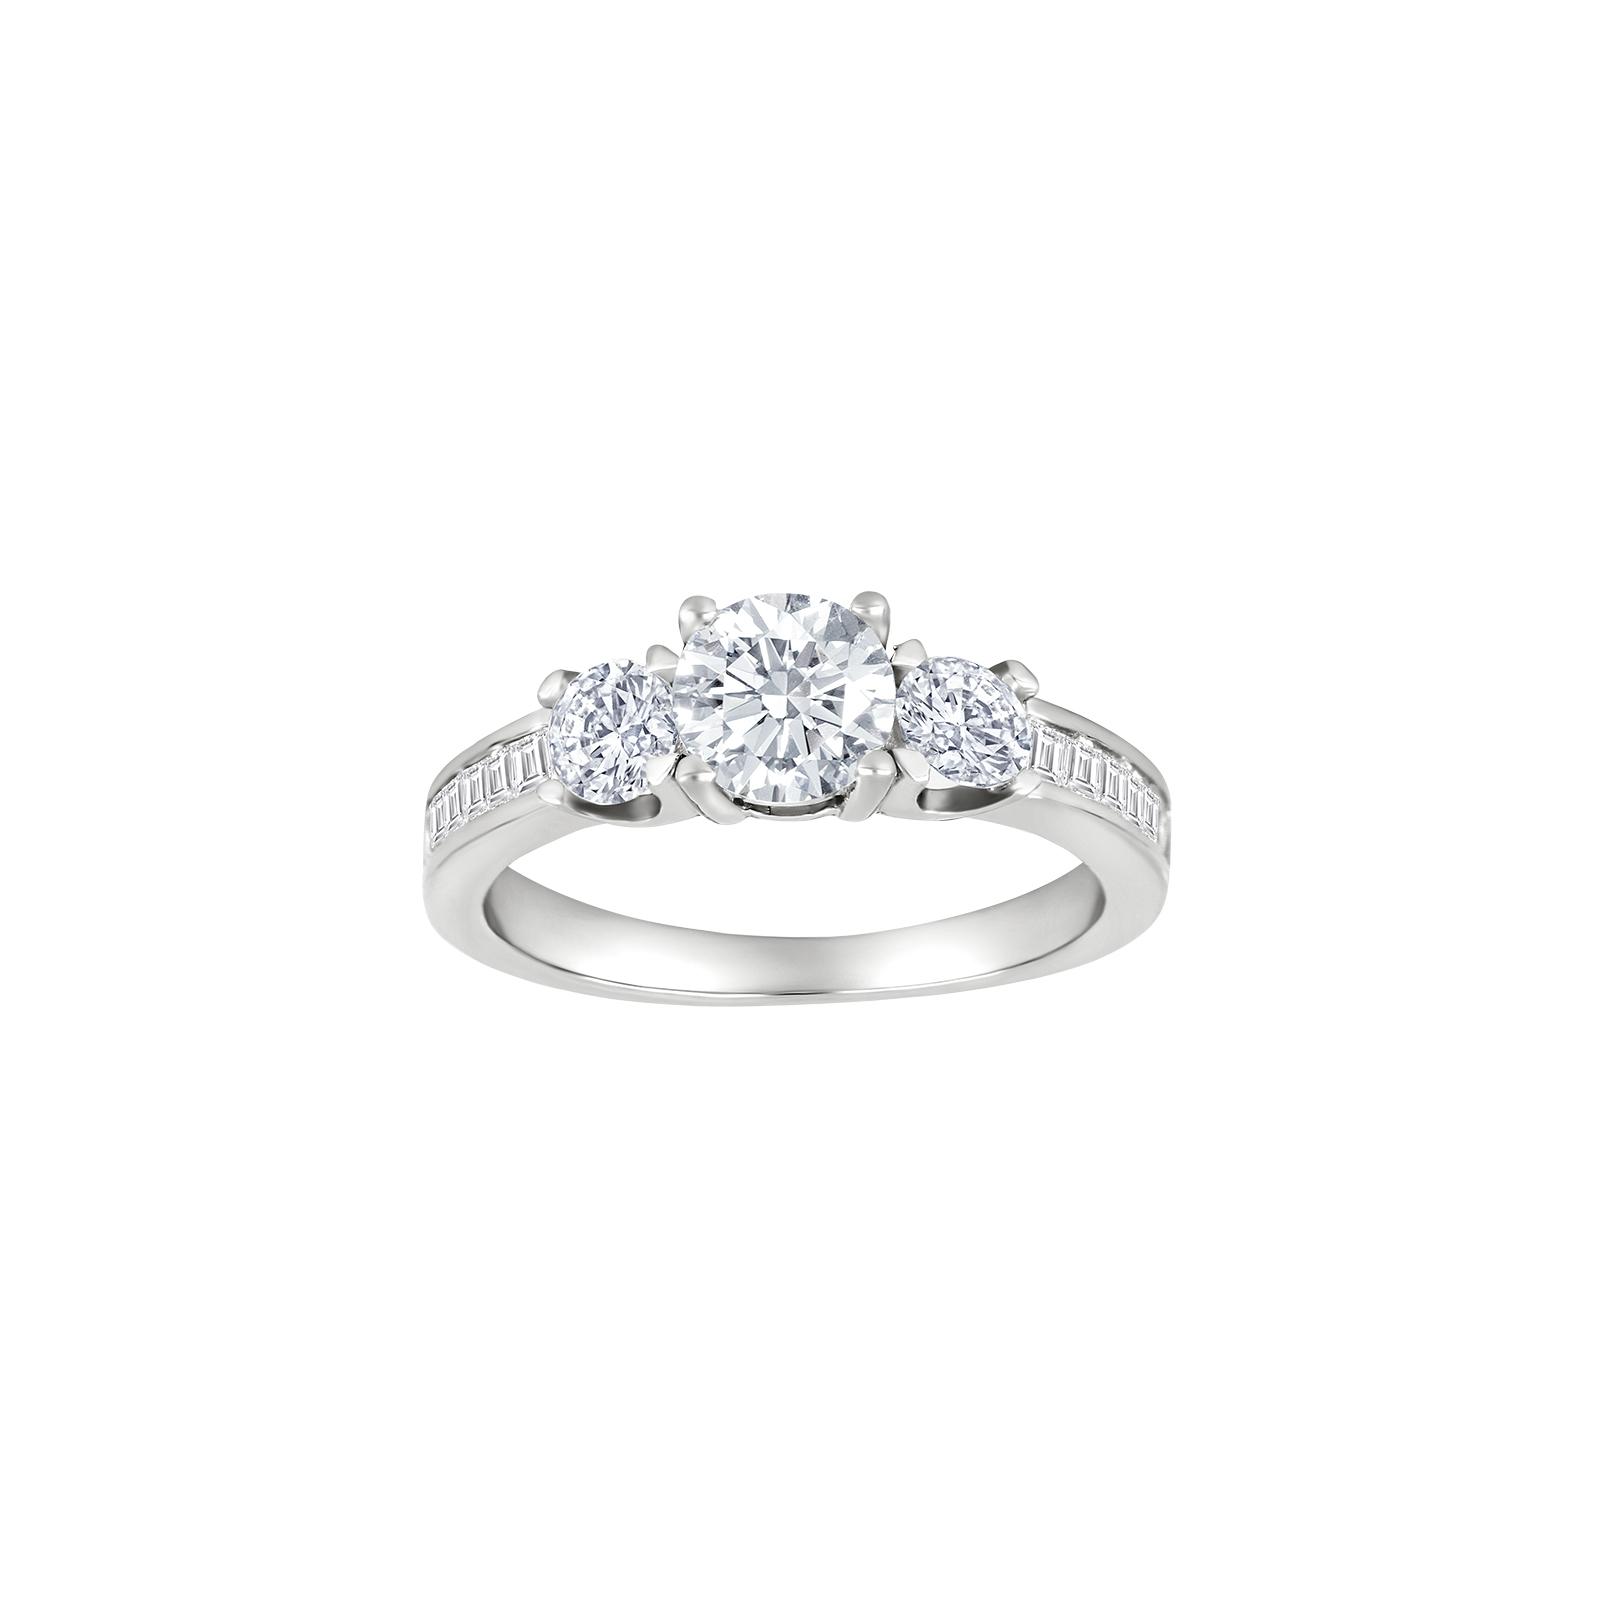 Elegant rhodineret sølv ring med zirkoner fra Joanli Nor Oplev denne smukke rhodineret sølv ring med zirkoner fra Joanli Nor. Ringen er prydet med små smukke zirkoner ned langs ringskinnen og omkring centerstenen. Ringen fås i rhodineret sølv og forgyldt sølv. Se det store udvalg af smykker fra Joanli Nor her